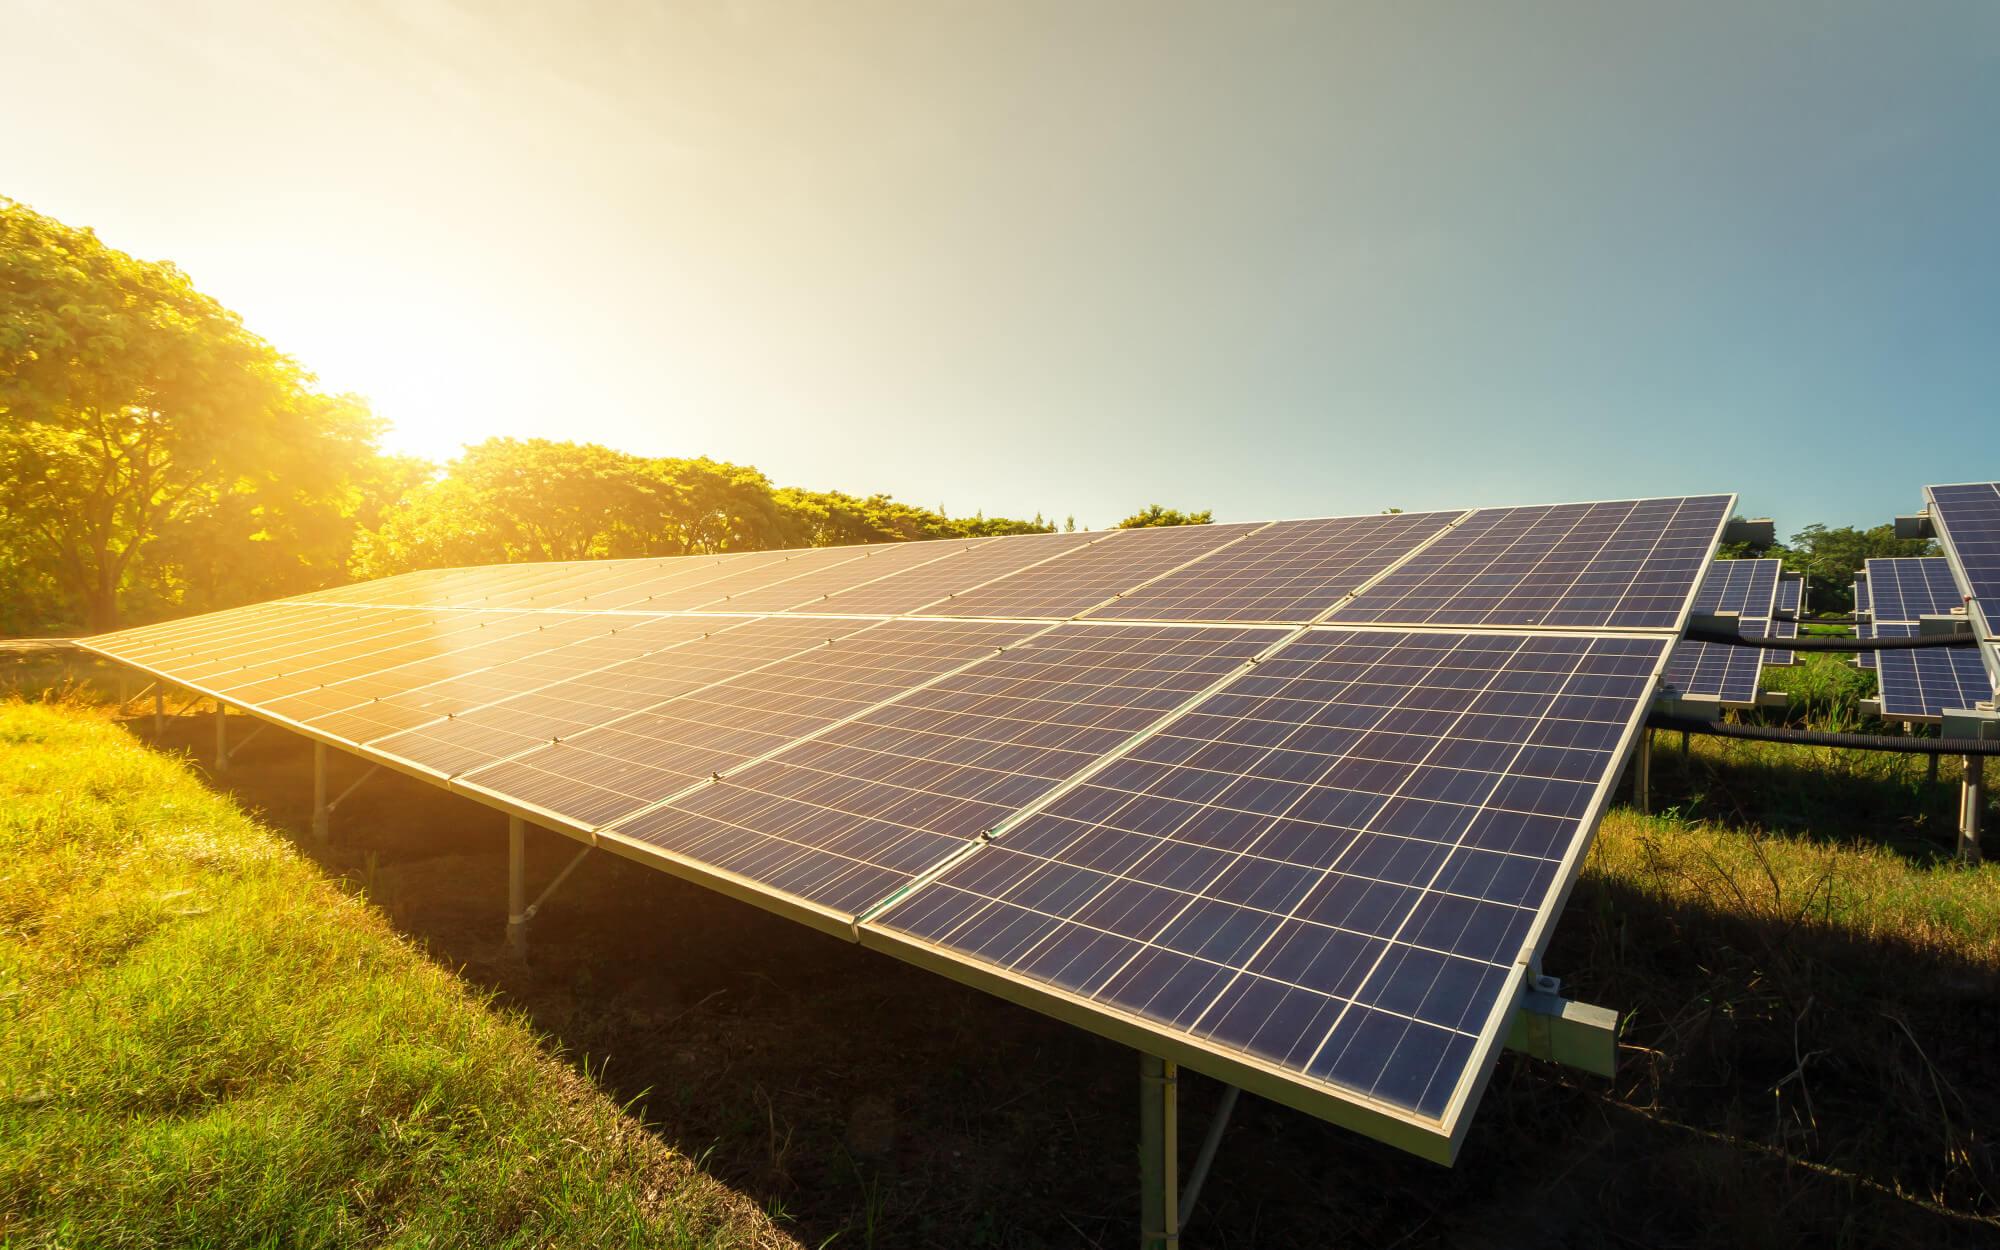 2020年7月德国新增447兆瓦太阳能容量